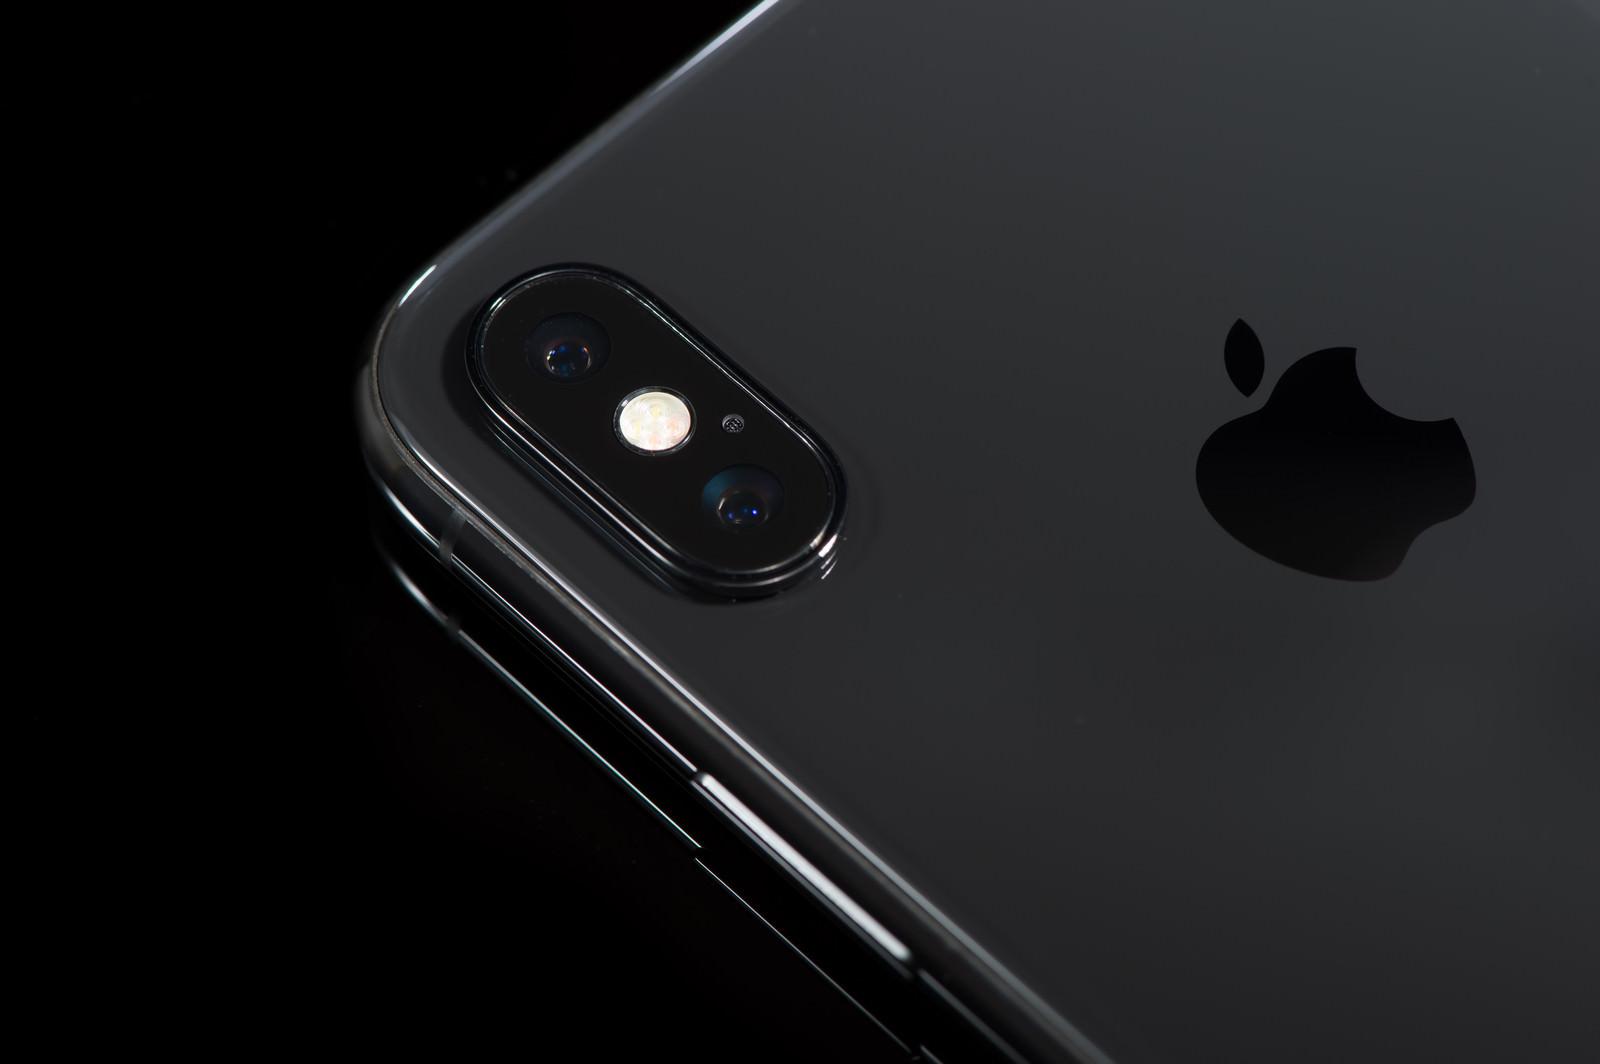 「iPhone X のデュアルレンズカメラ」の写真